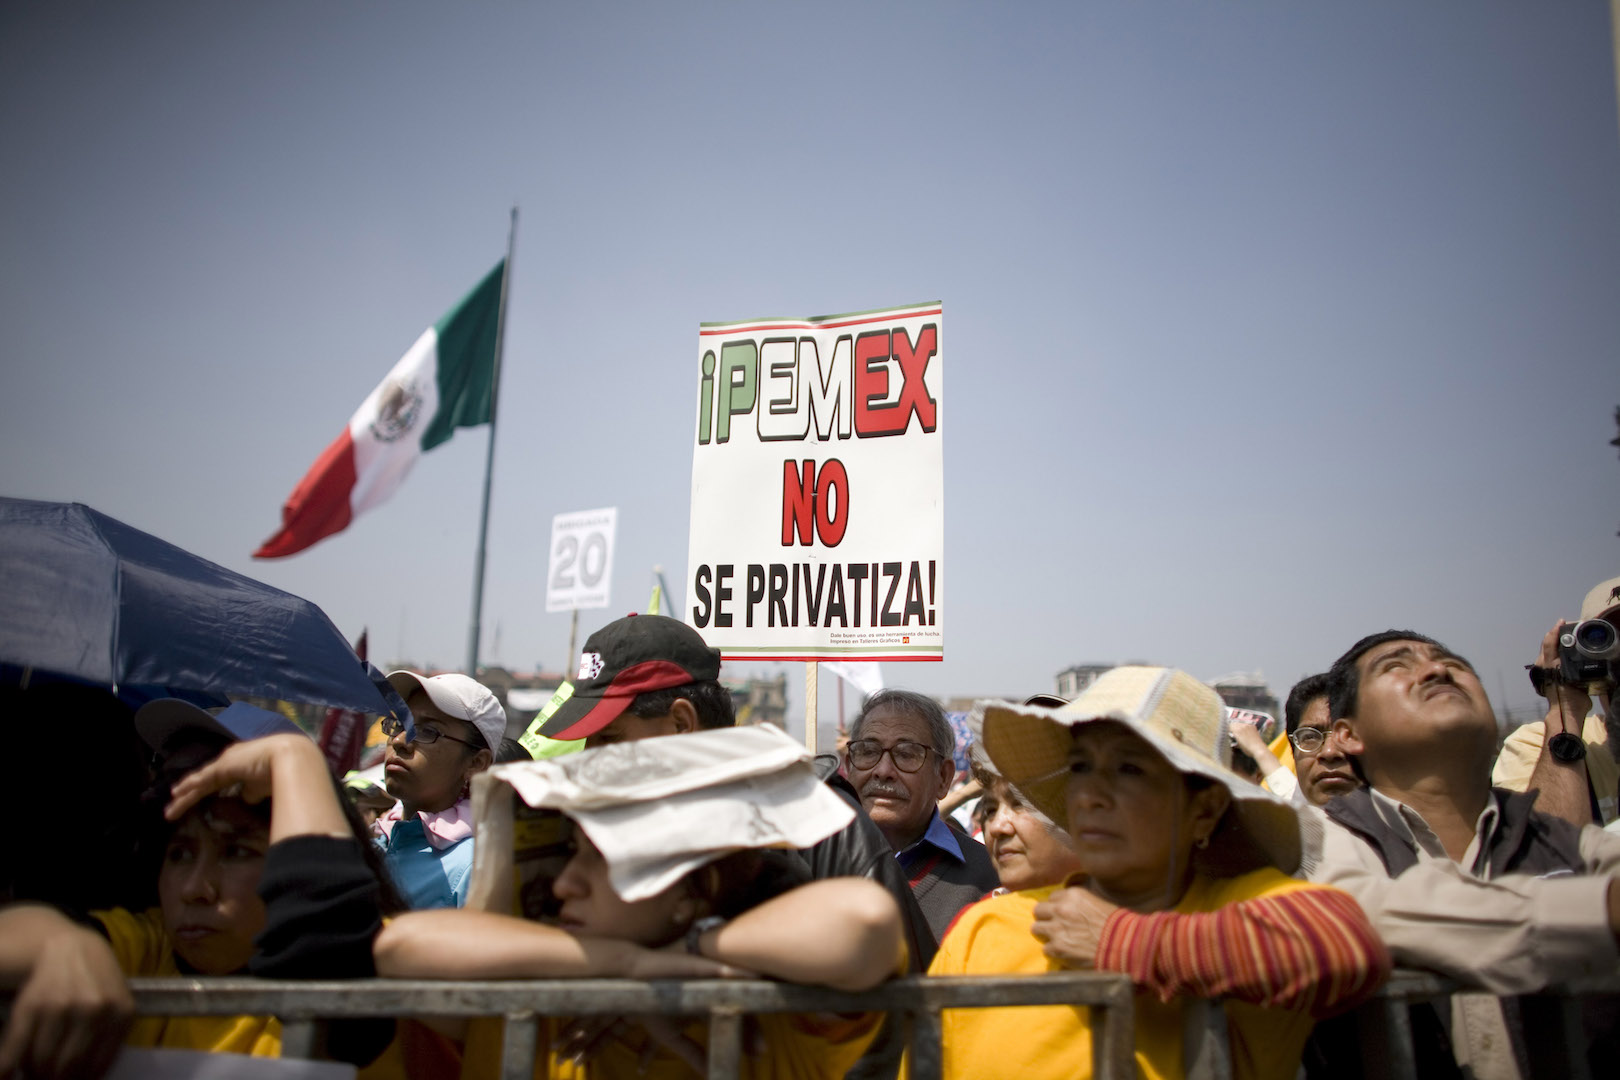 Lazaro-Cardenas-Expropiacion-Petrolera-18-marzo-Pemex